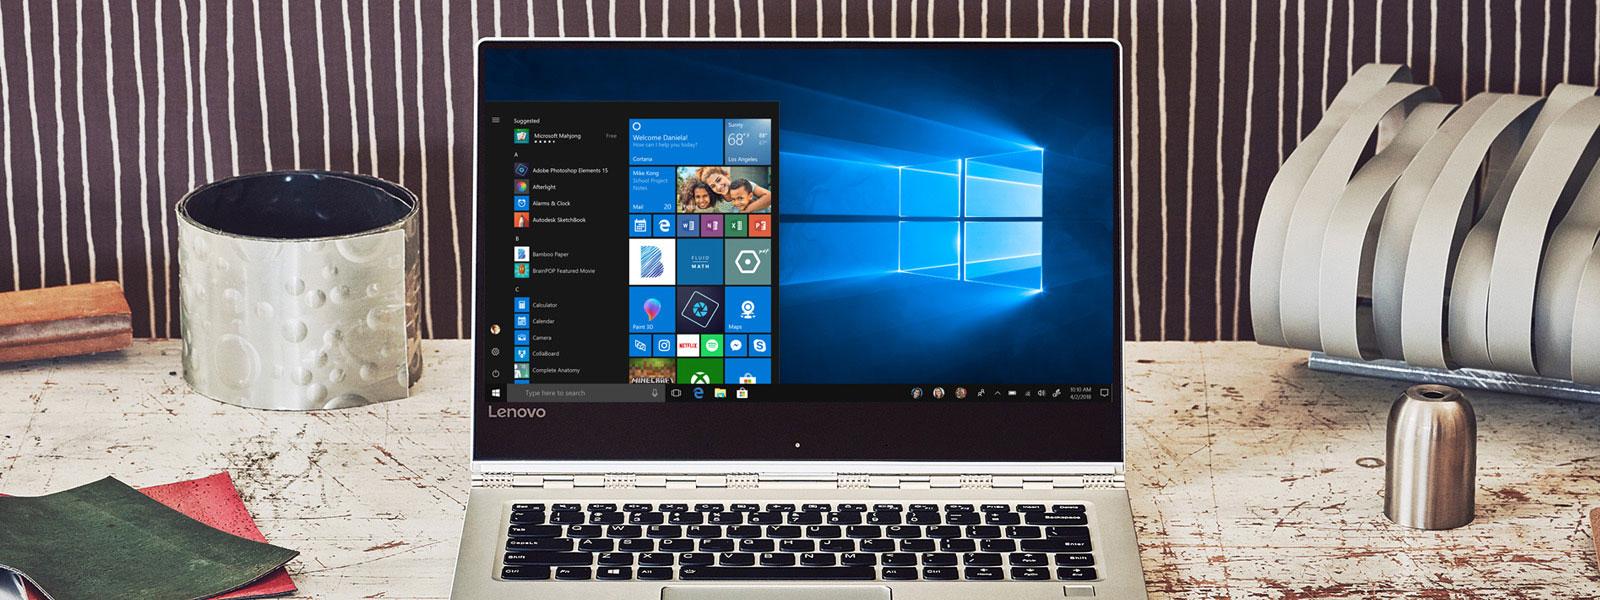 Máy tính xách tay đặt trên bàn đang hiển thị màn hình bắt đầu của Windows 10